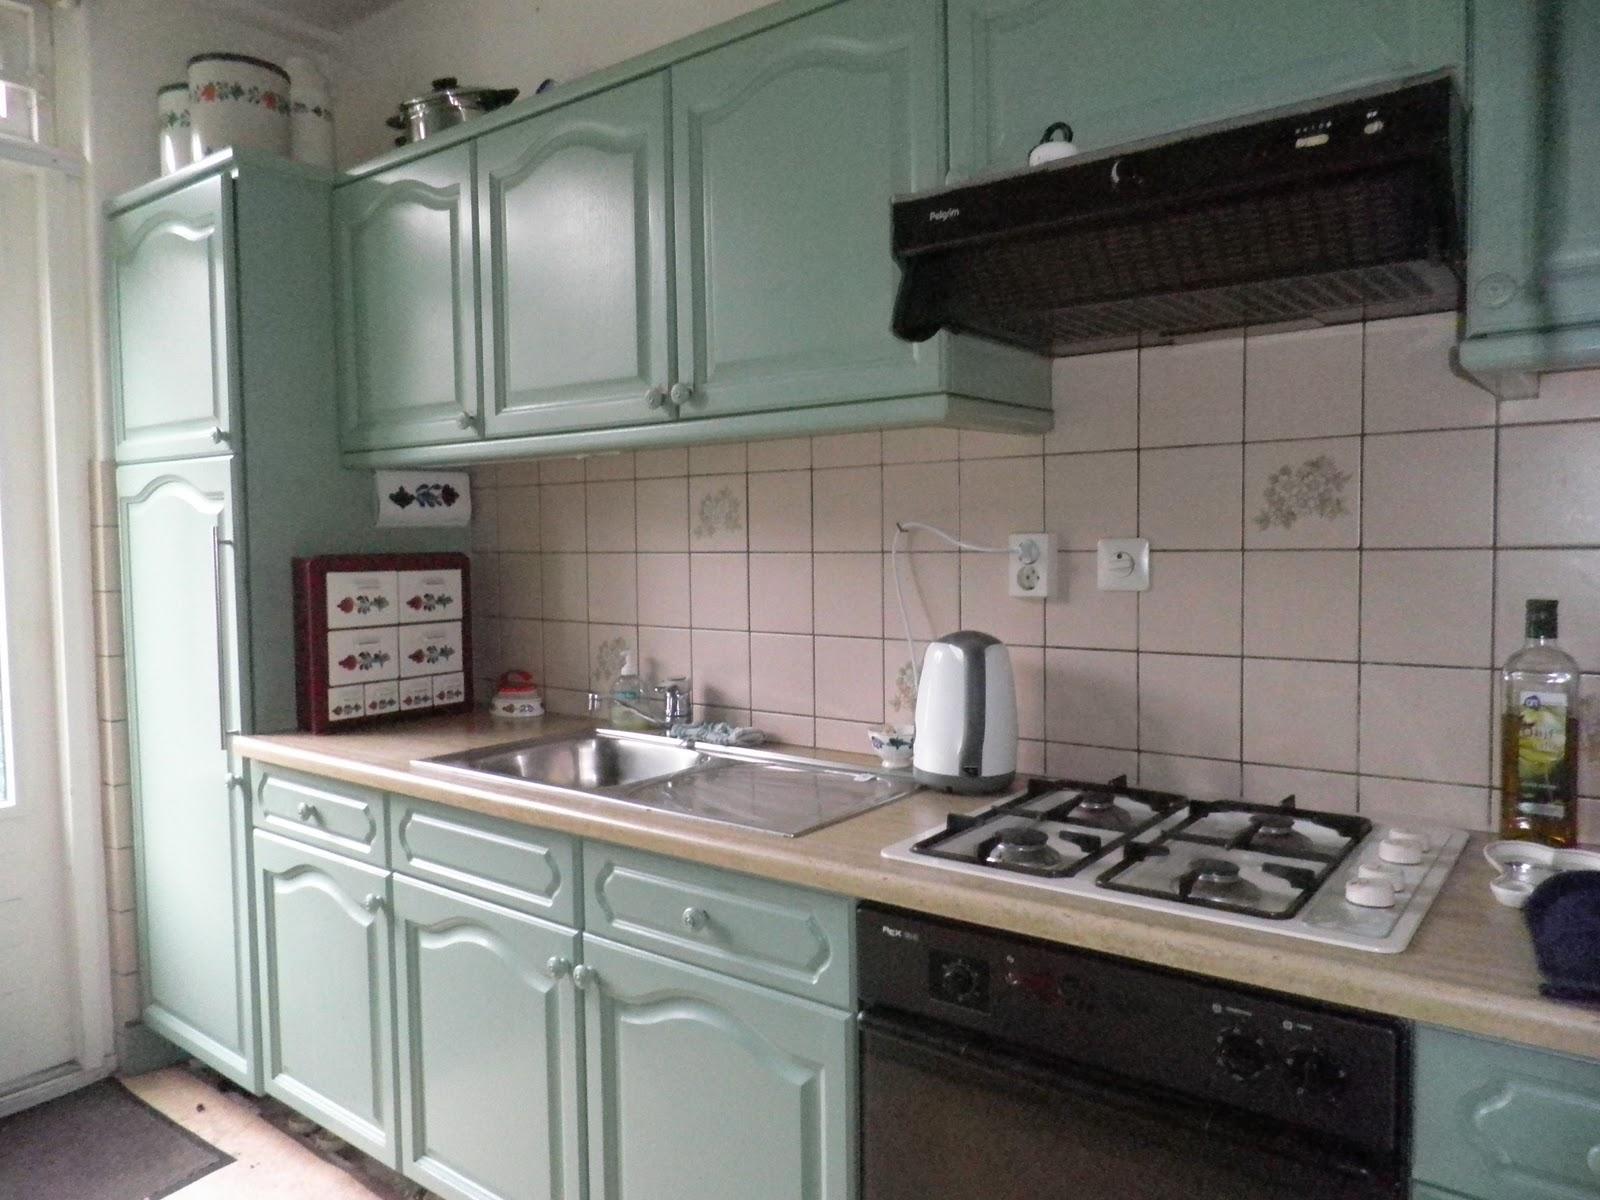 Hoe Een Eiken Keuken Schilderen : Ikea kasten waren donkergroen en had alles in ??n keuken geverfd.